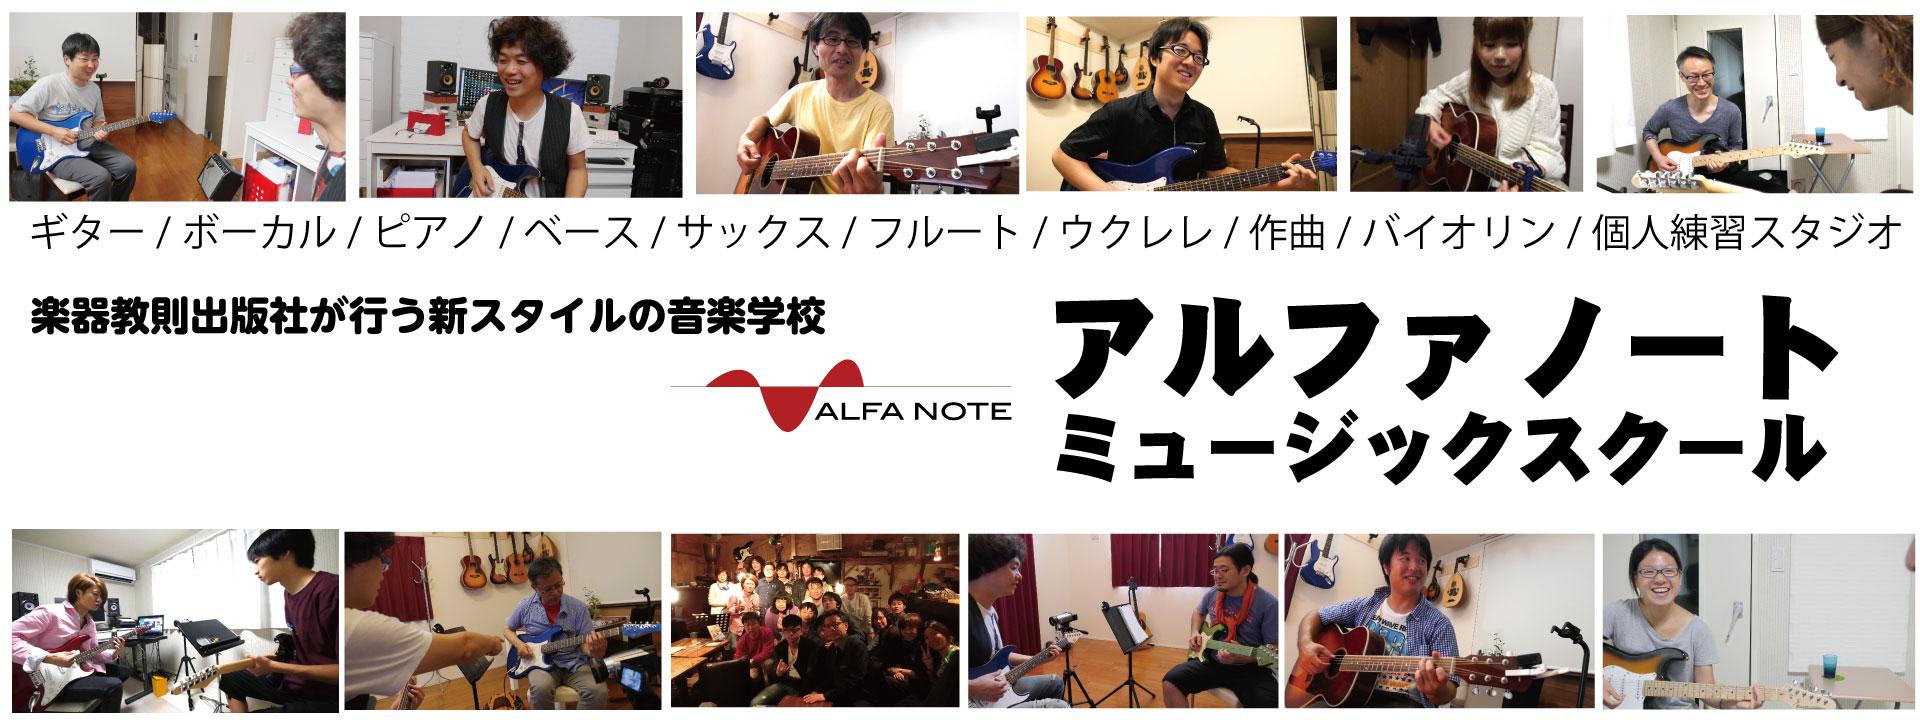 ギター/ボーカル/ピアノ/ベース/サックス/フルート/ウクレレ/作曲/バイオリン/個人練習スタジオ 楽器教則出版社が行う新スタイルの音楽学校 アルファノートミュージックスクール ALFA NOTE